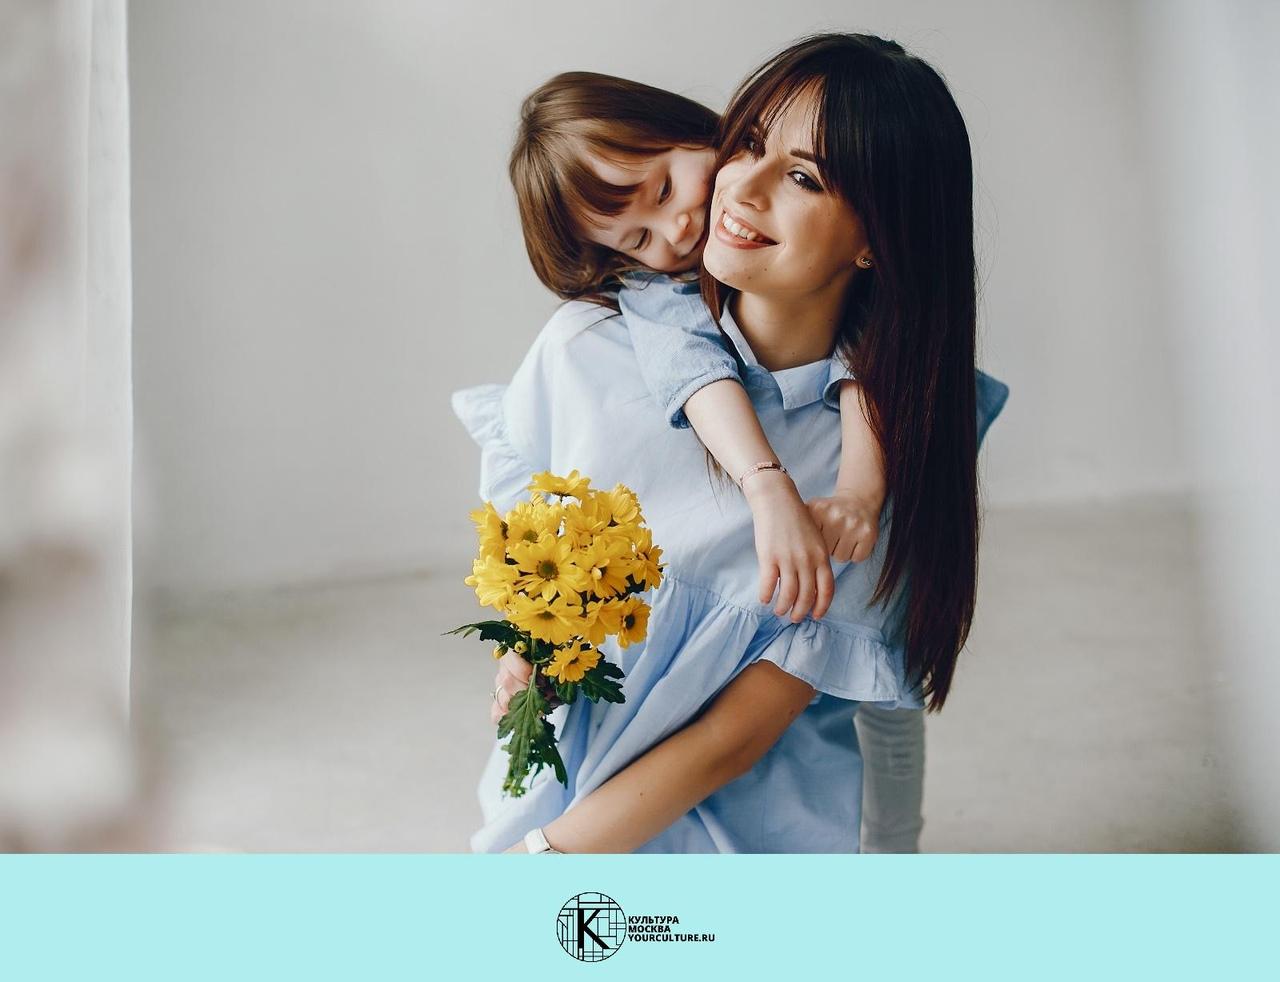 МаМа в КЦ: как воспитать ребенка?